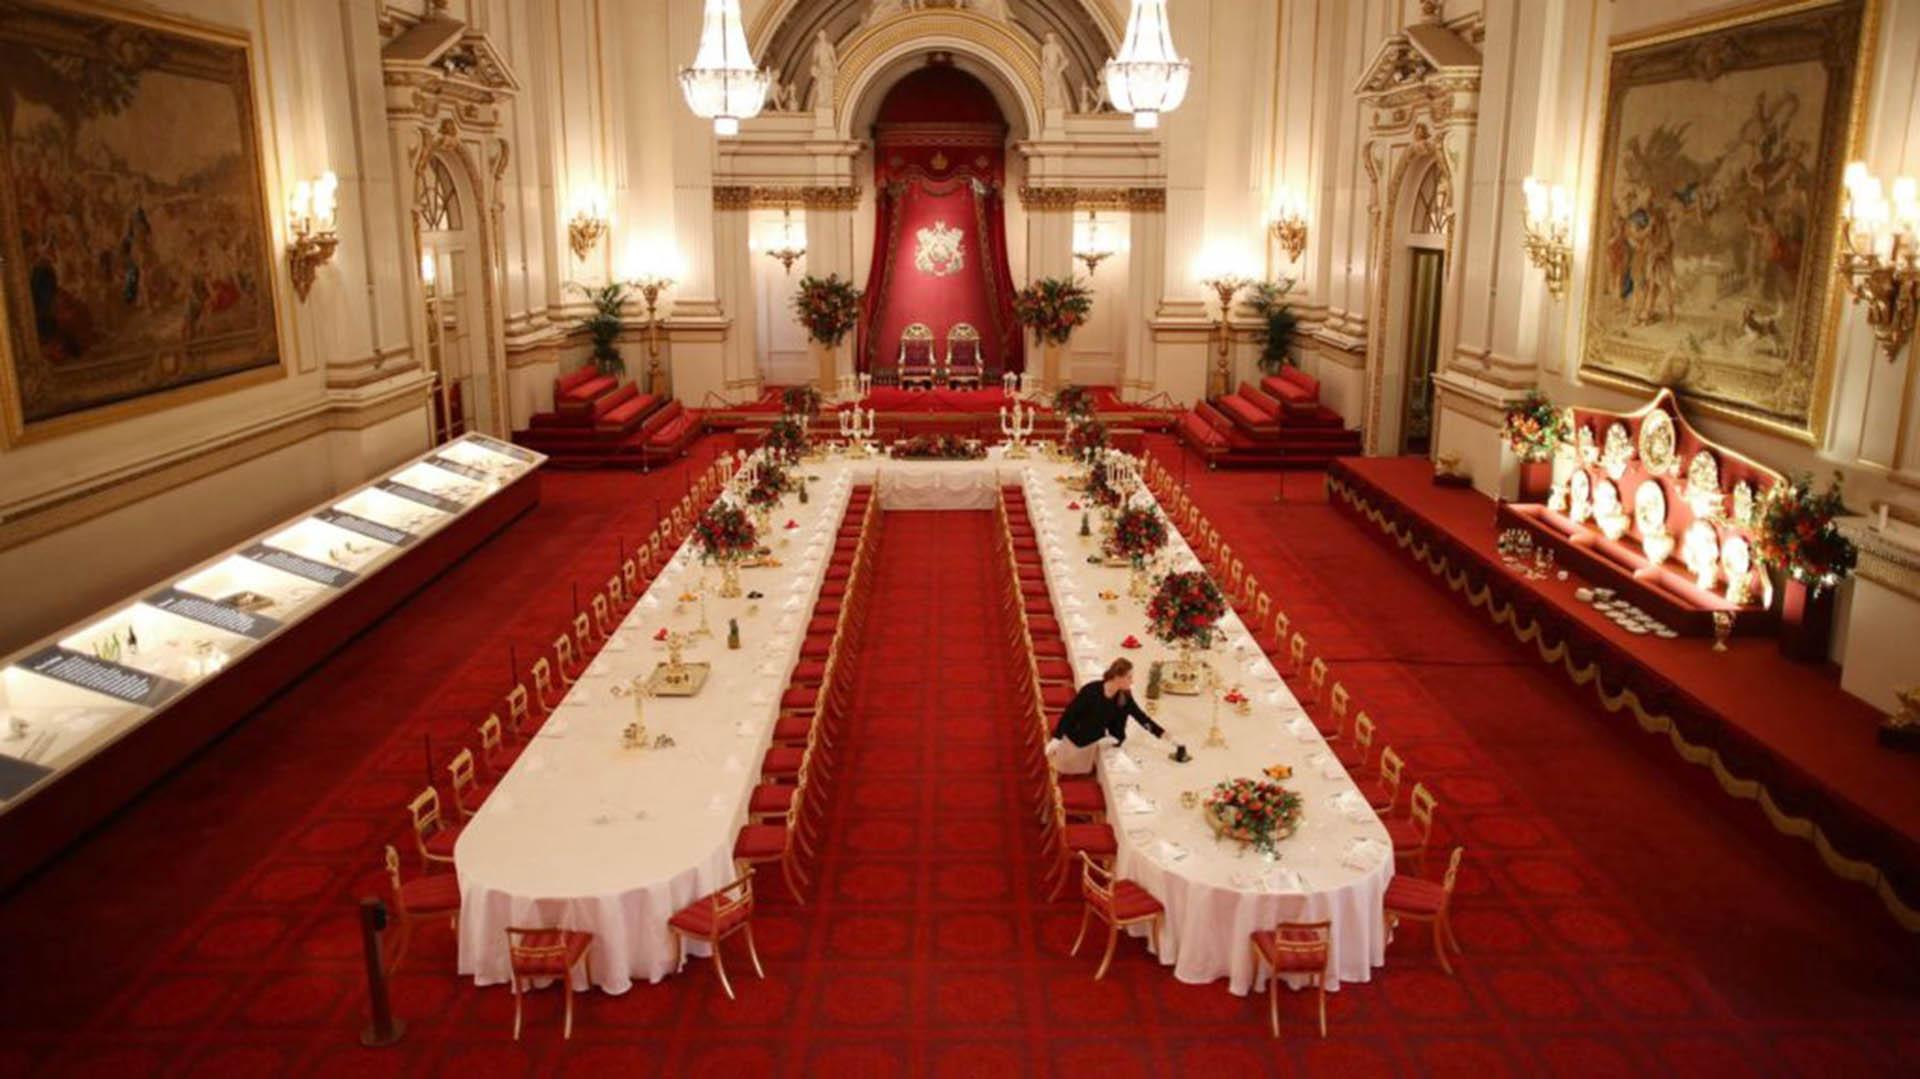 El gran salón de baile. Lo construyó la reina Victoria y actualmente se usa para ceremonias y cenas de gala.